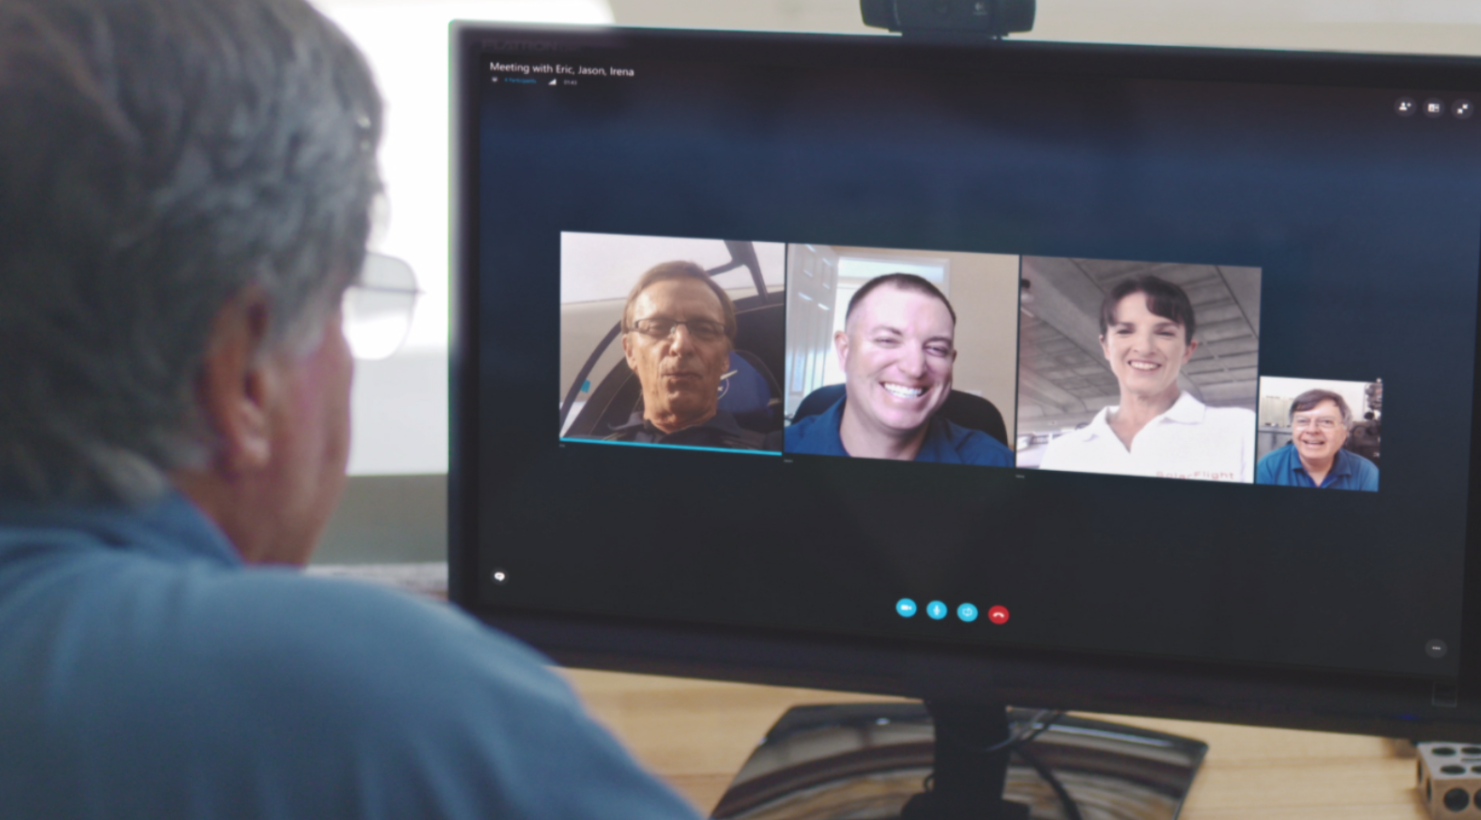 Skype Meetings